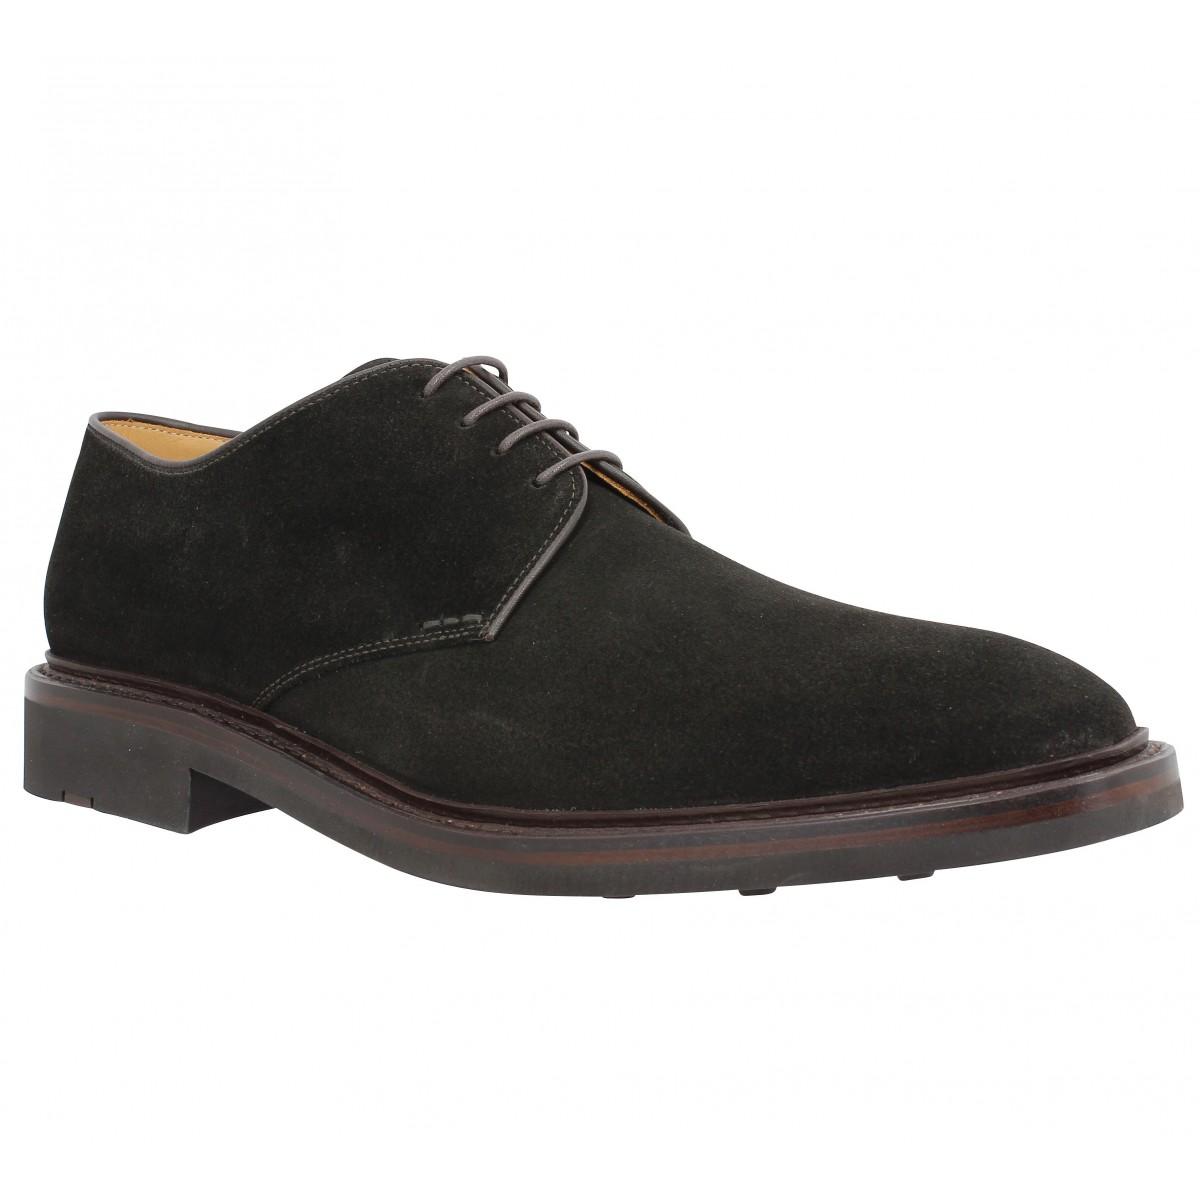 Chaussures à lacets HESCHUNG Fustet velours Homme Marron